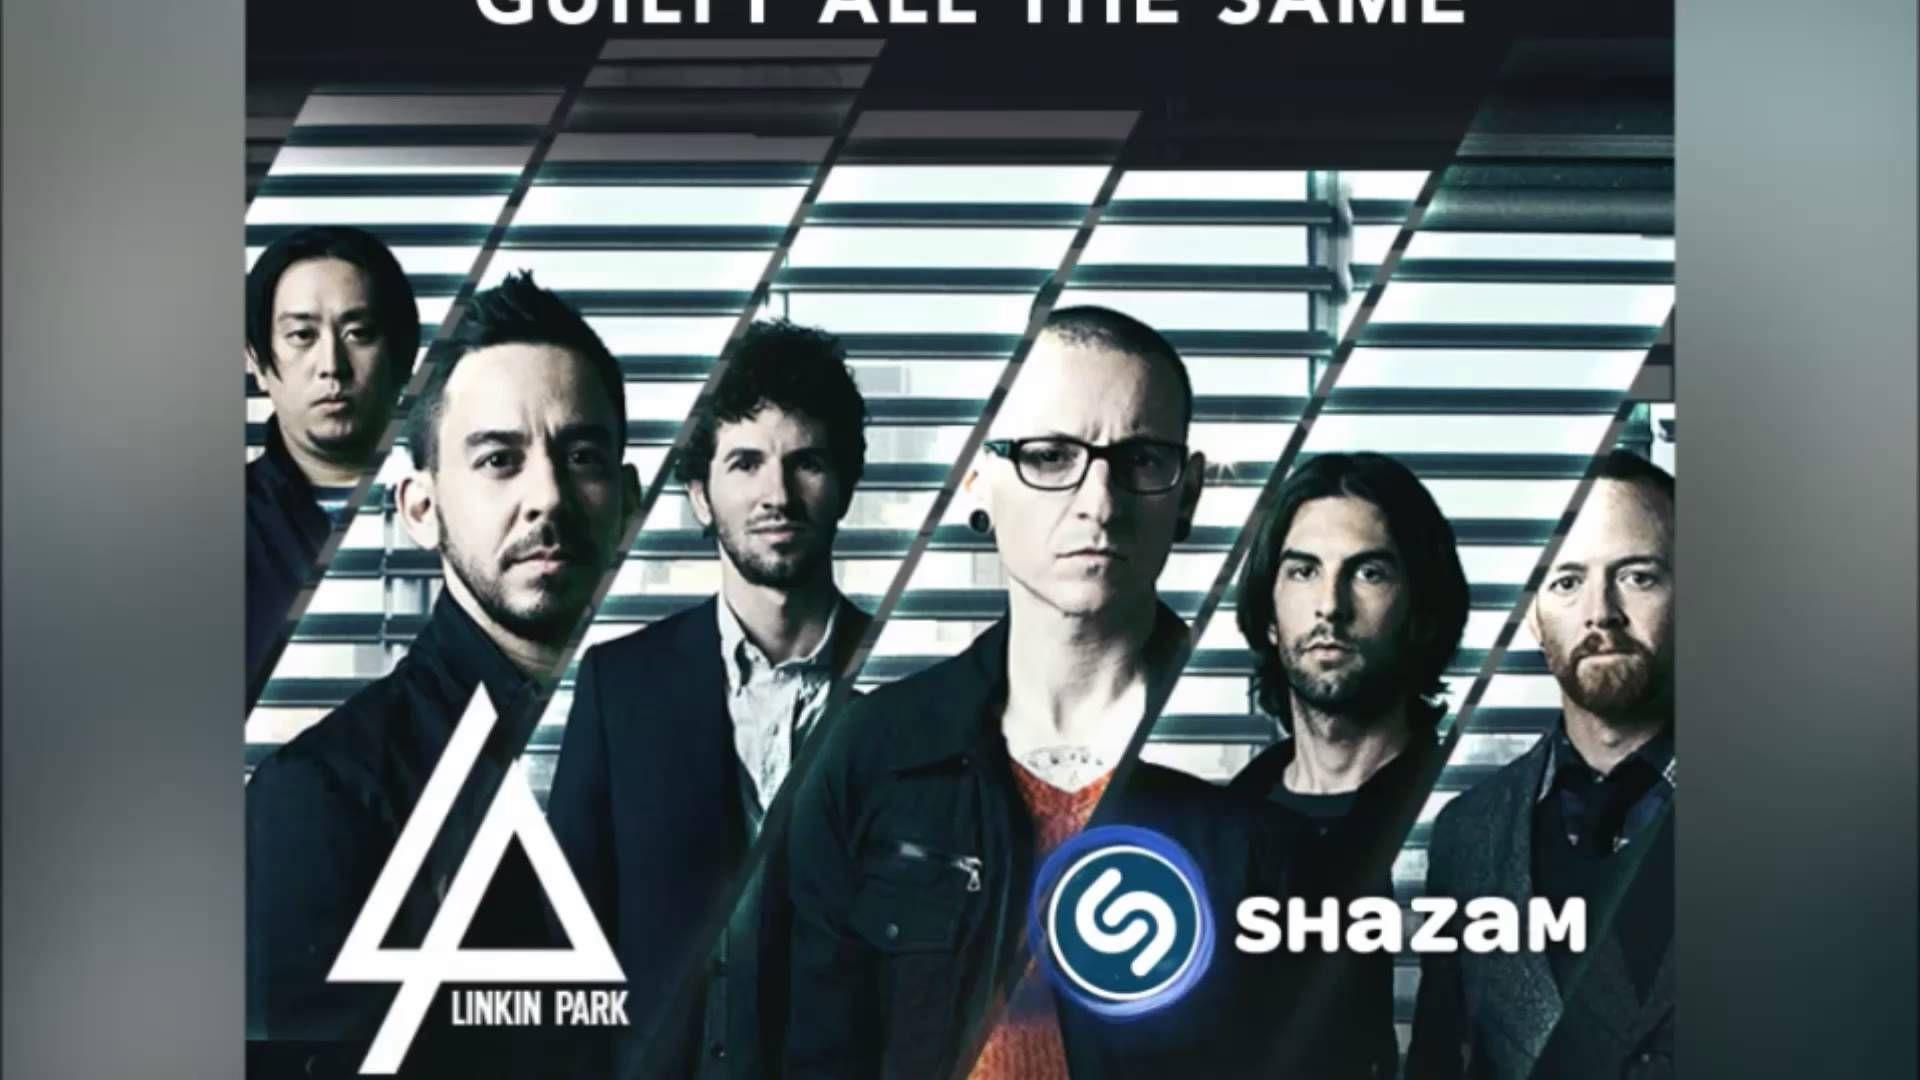 Linkin Park feat. Rakim - Guilty all the same (Official music) HD